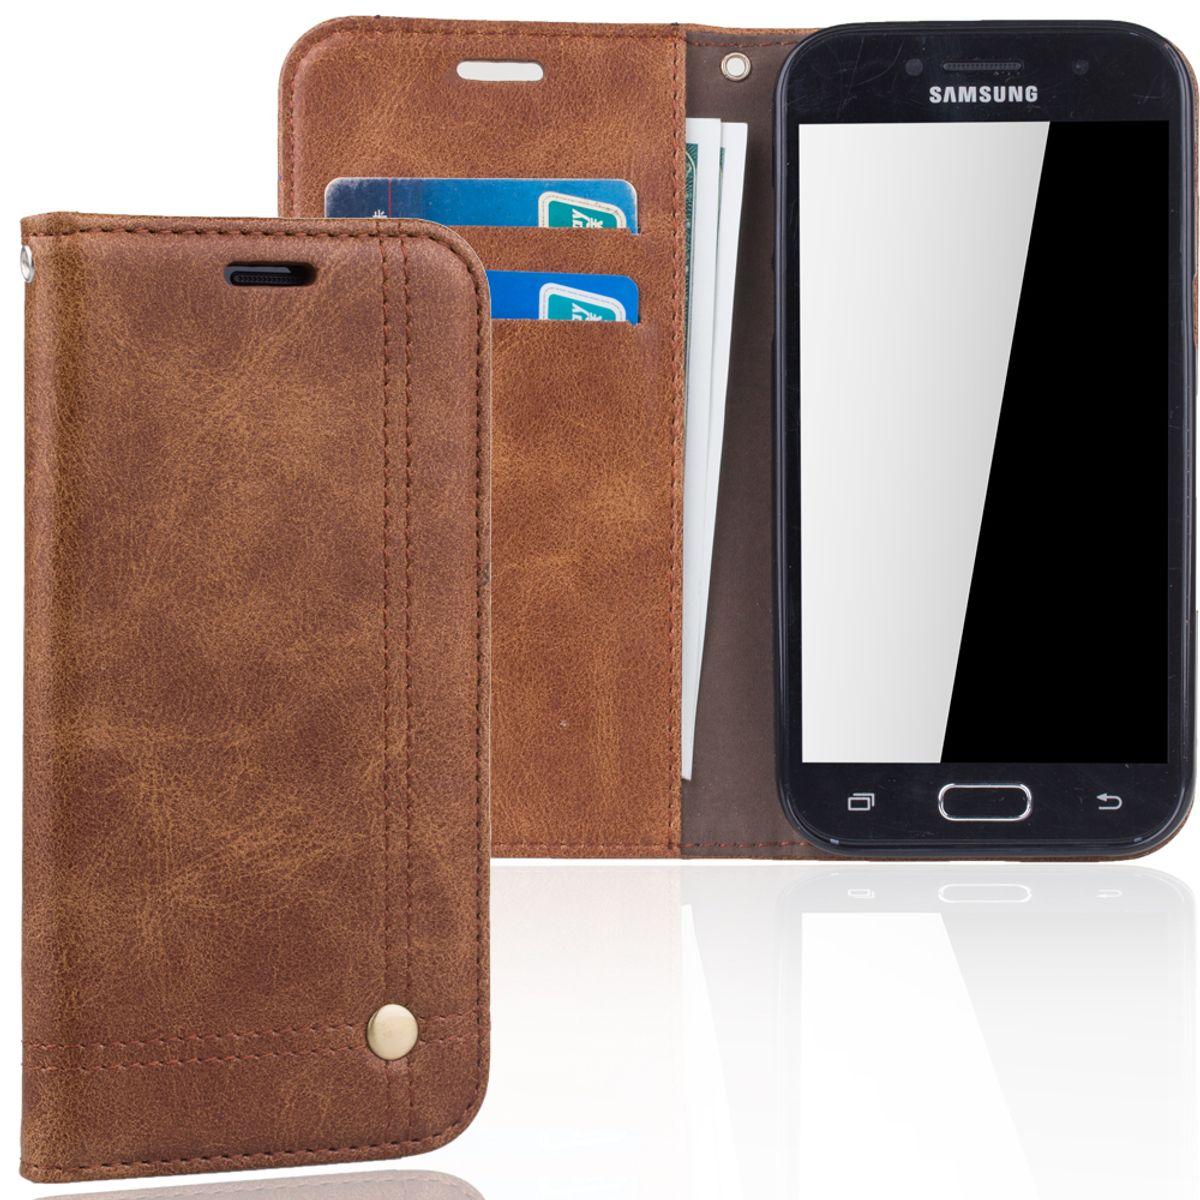 Handy Hülle Schutz Tasche für Samsung Galaxy A5 2017 Cover Wallet Etui Braun